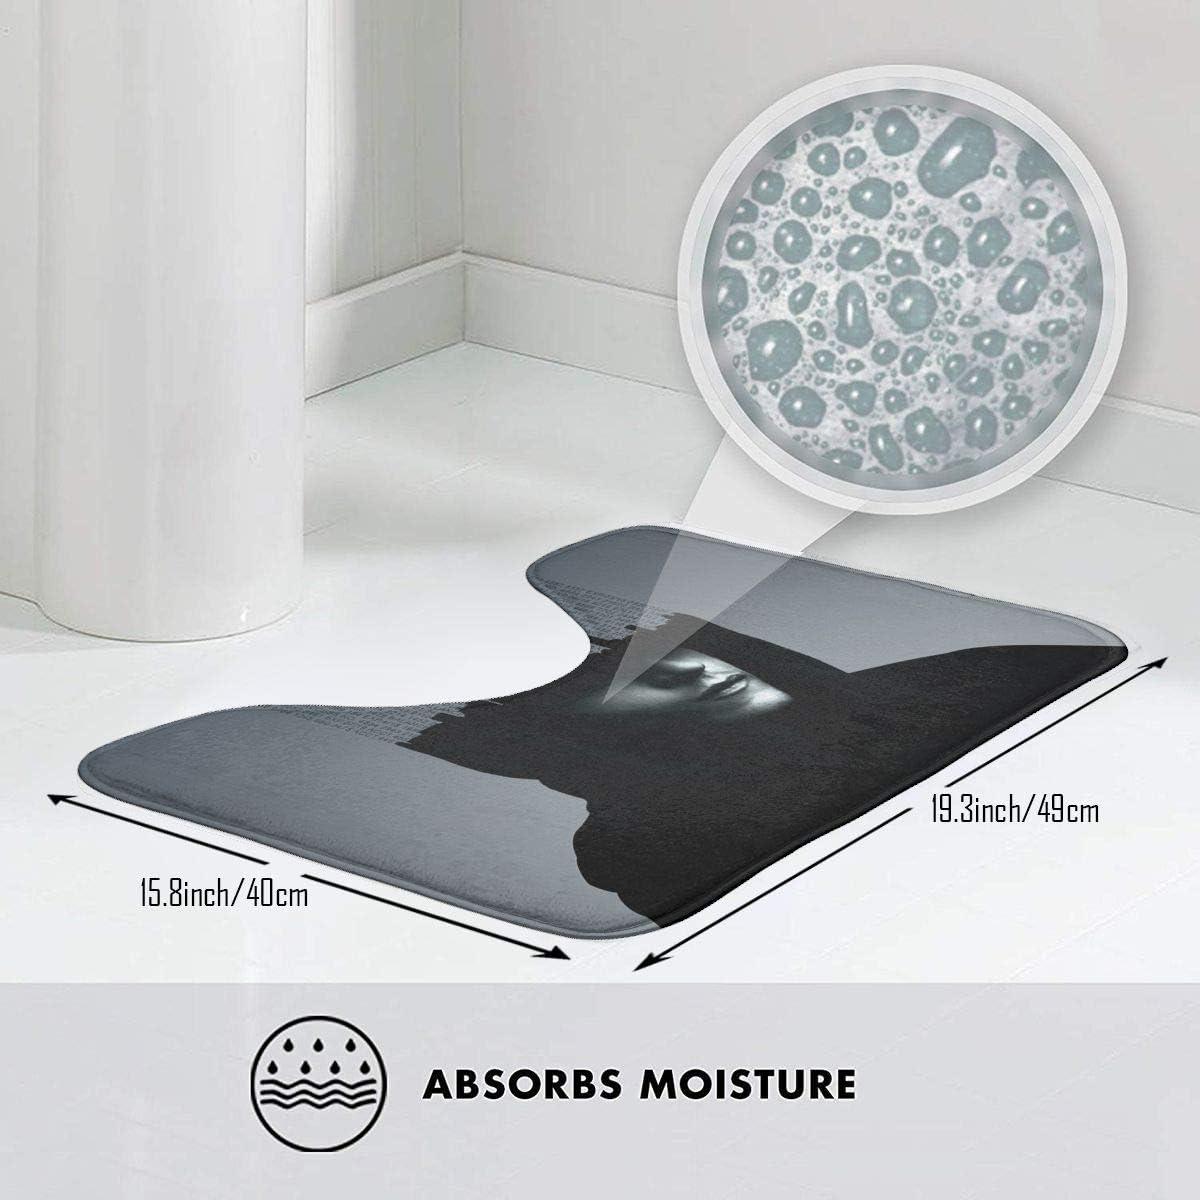 Kaufen Sie online Badematten zu den besten Preisen saugf/ähiges Wasser Perfekt f/ür Badezimmer Hoklcvd Mr Robot Rutschfeste Kontur Badematte f/ür Toilette